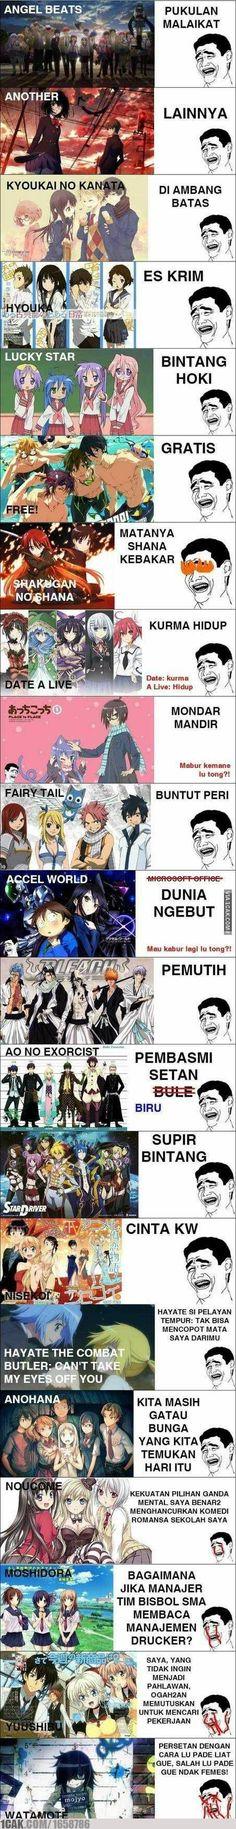 judul anime kalau diartikan di bahasa indonesia #repost